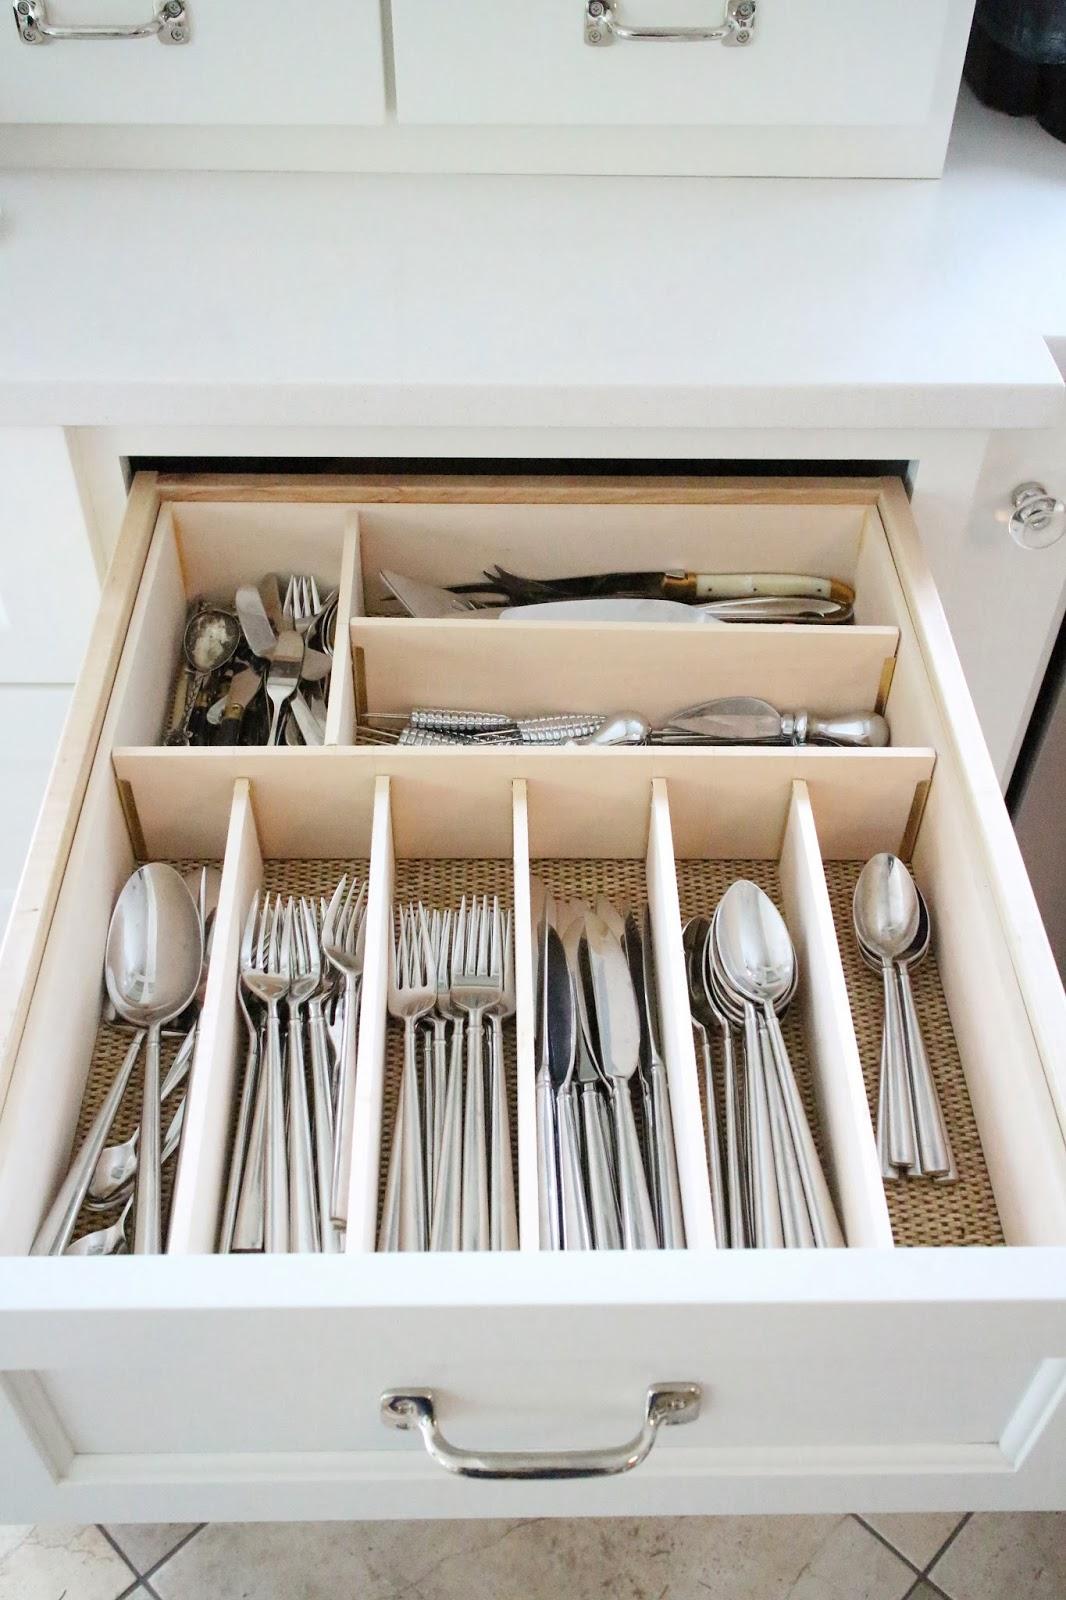 kitchen-cabinet-organize-silverware